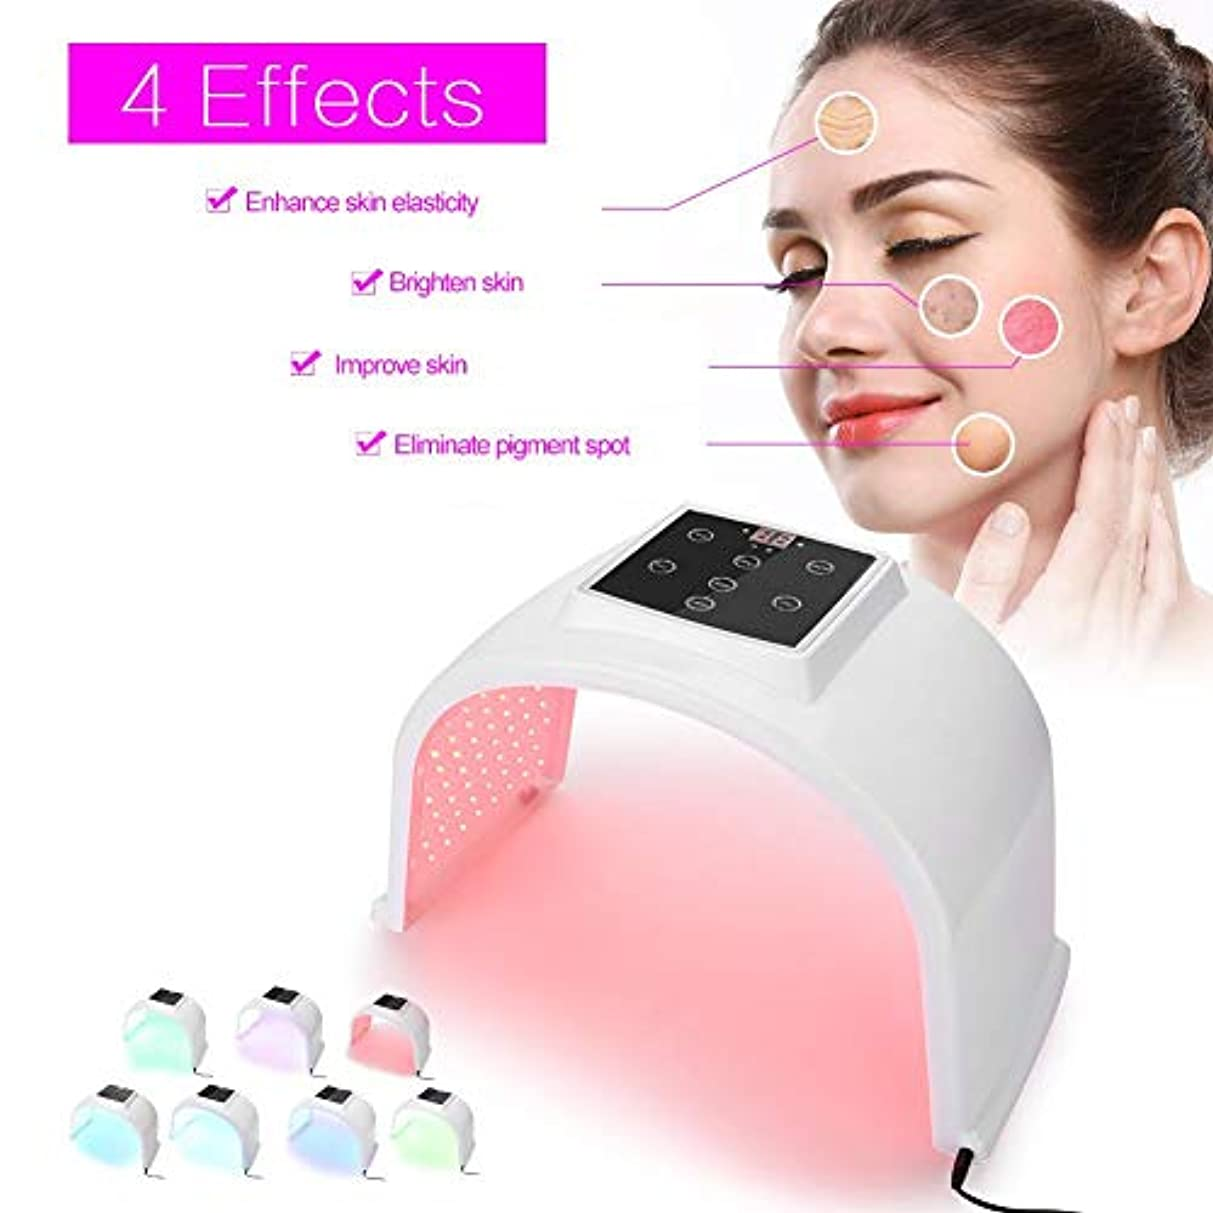 フォームバウンス王位Simlug 7色PDT皮膚若返りマシン、PDT再生美容セラピーマシン-ゴミの山ではなく、本当に良質の製品(US)